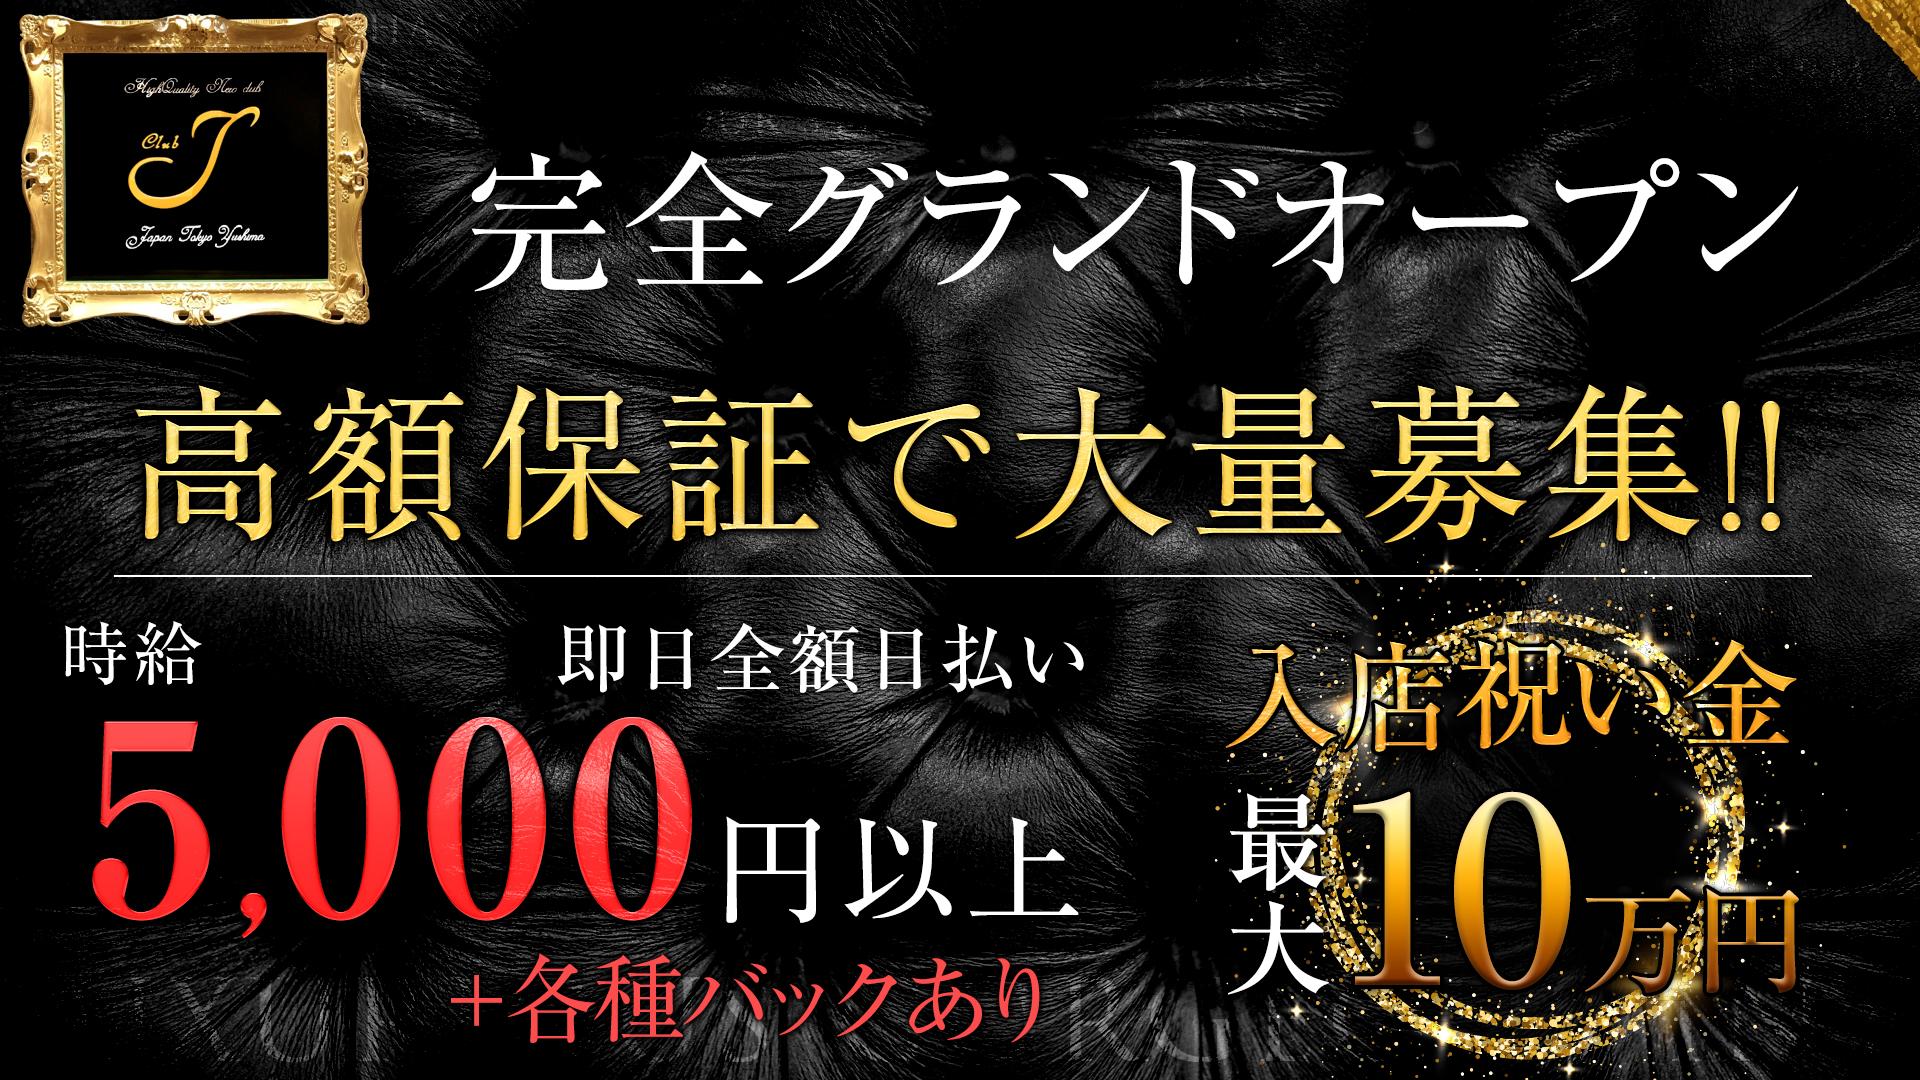 CLUB J[クラブジェイ] 上野 キャバクラ TOP画像